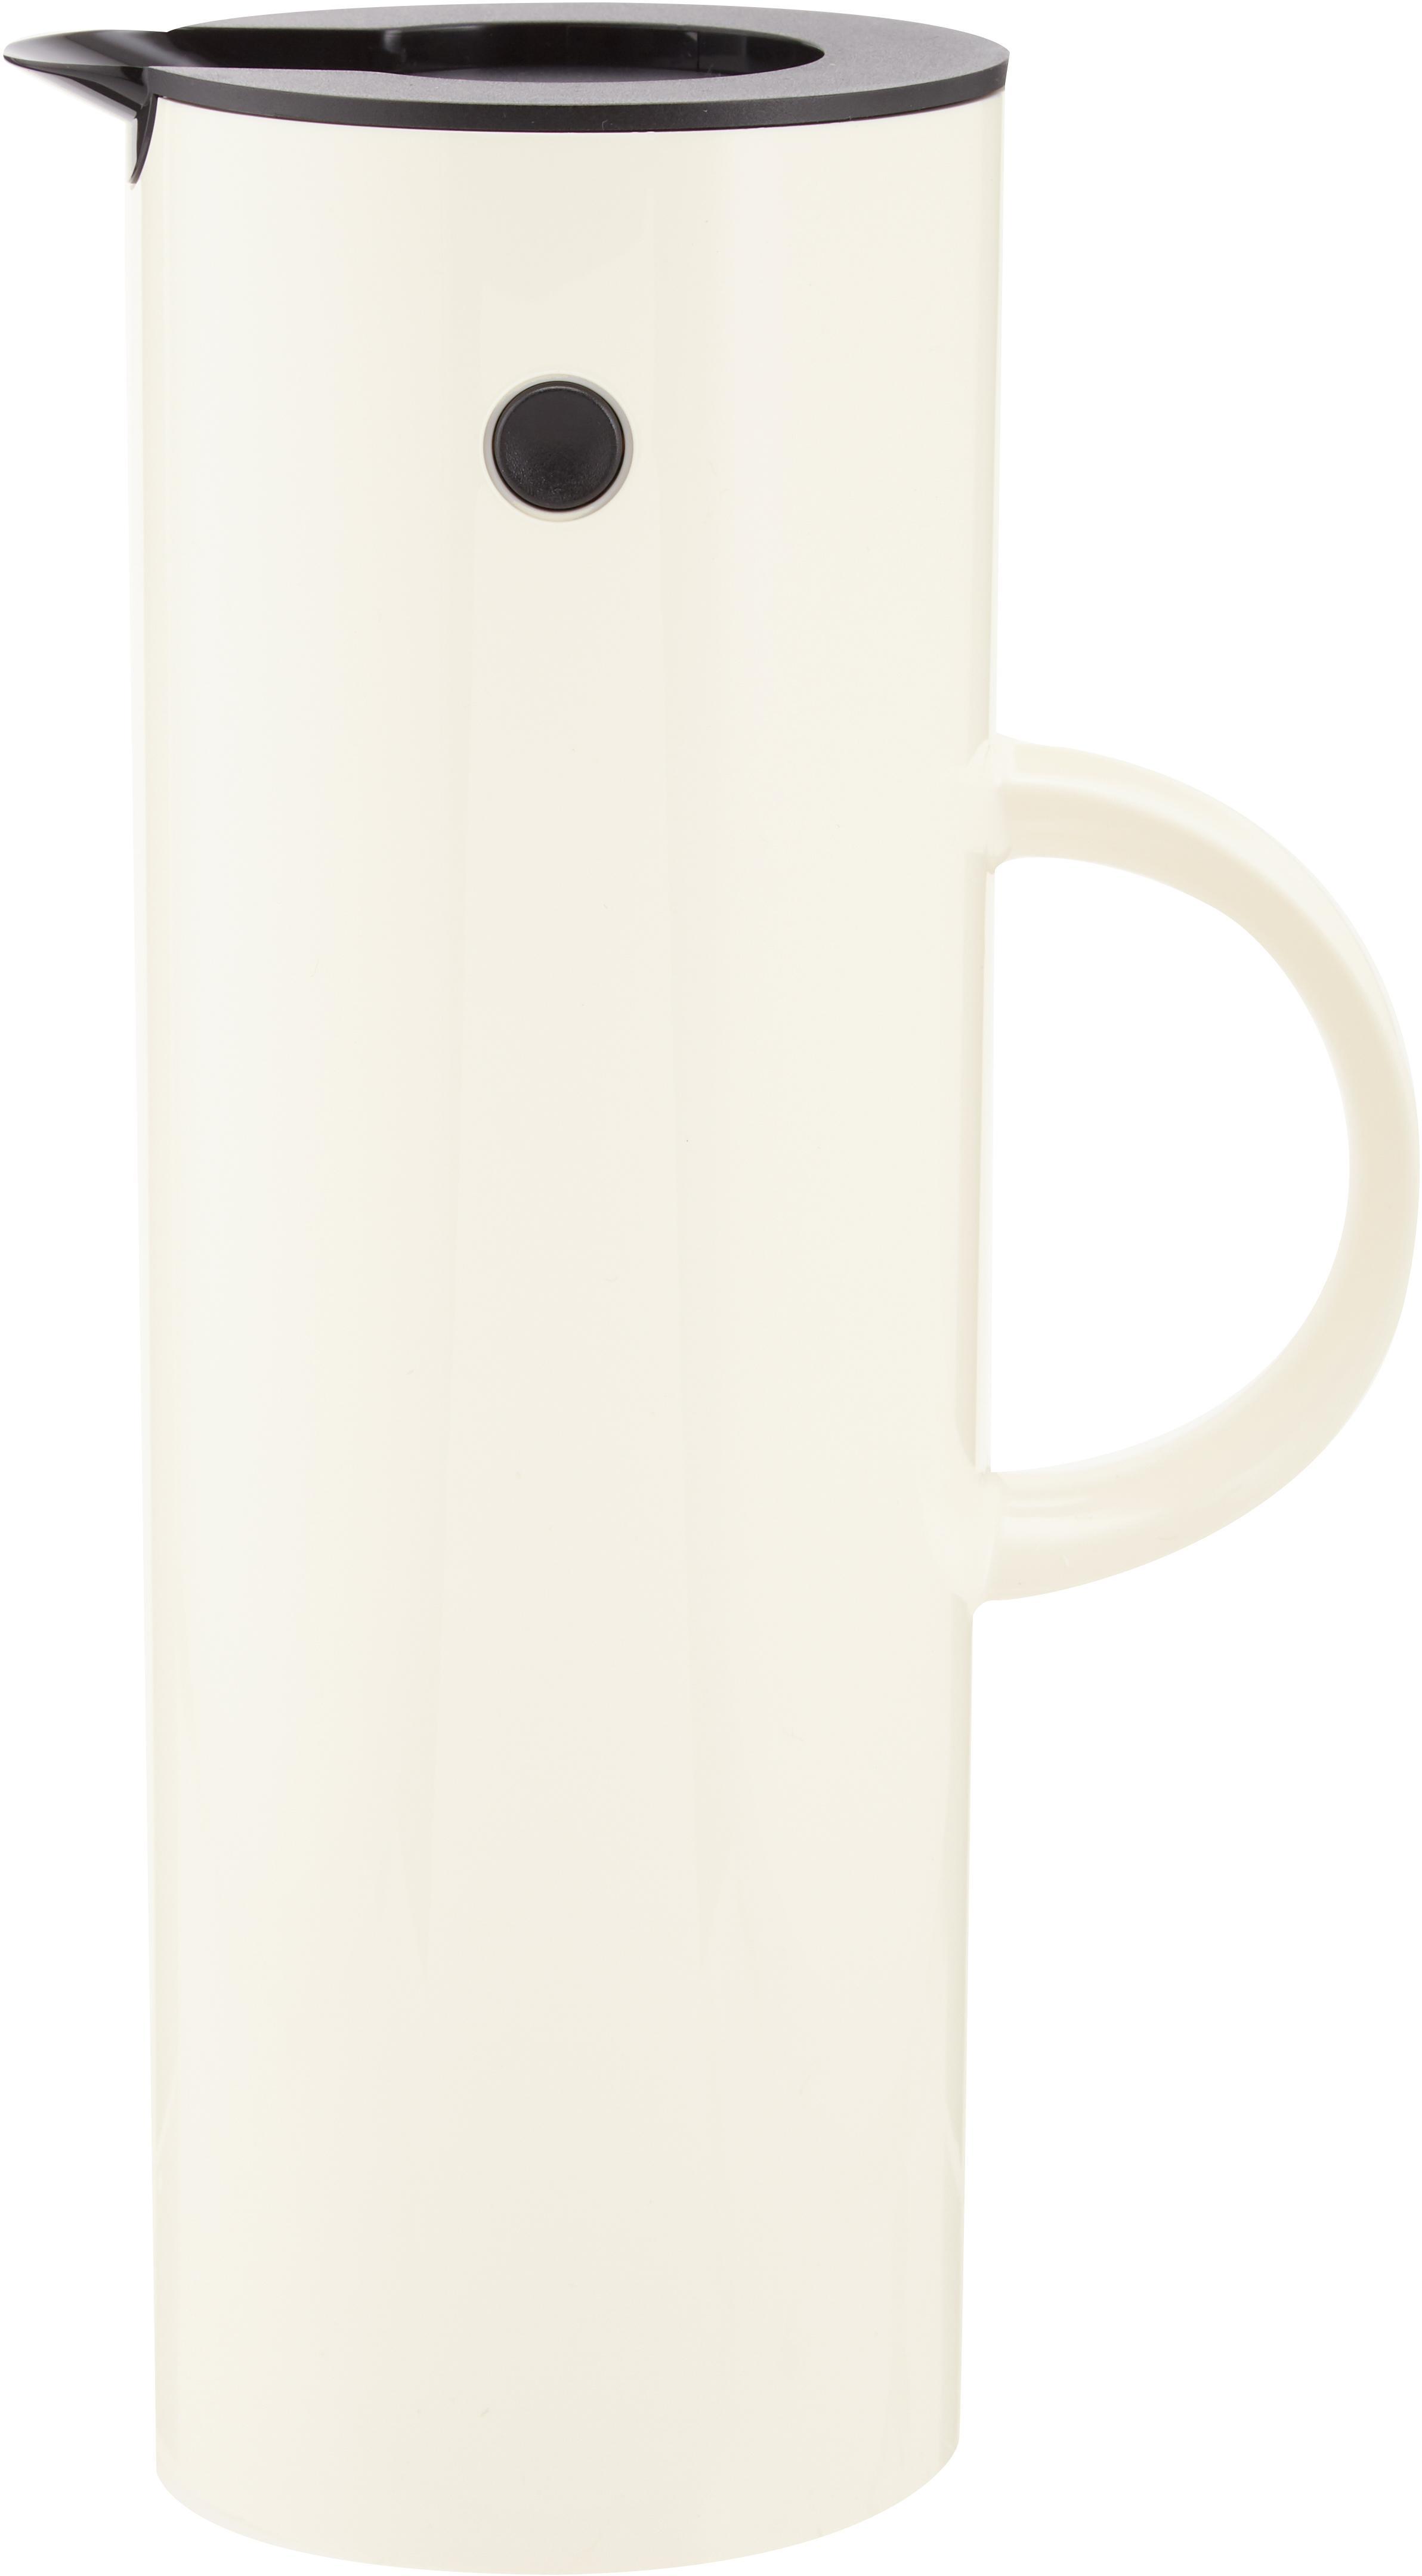 Termo EM77, Plástico ABS, interior con inserto de vidrio, Blanco, 1 L